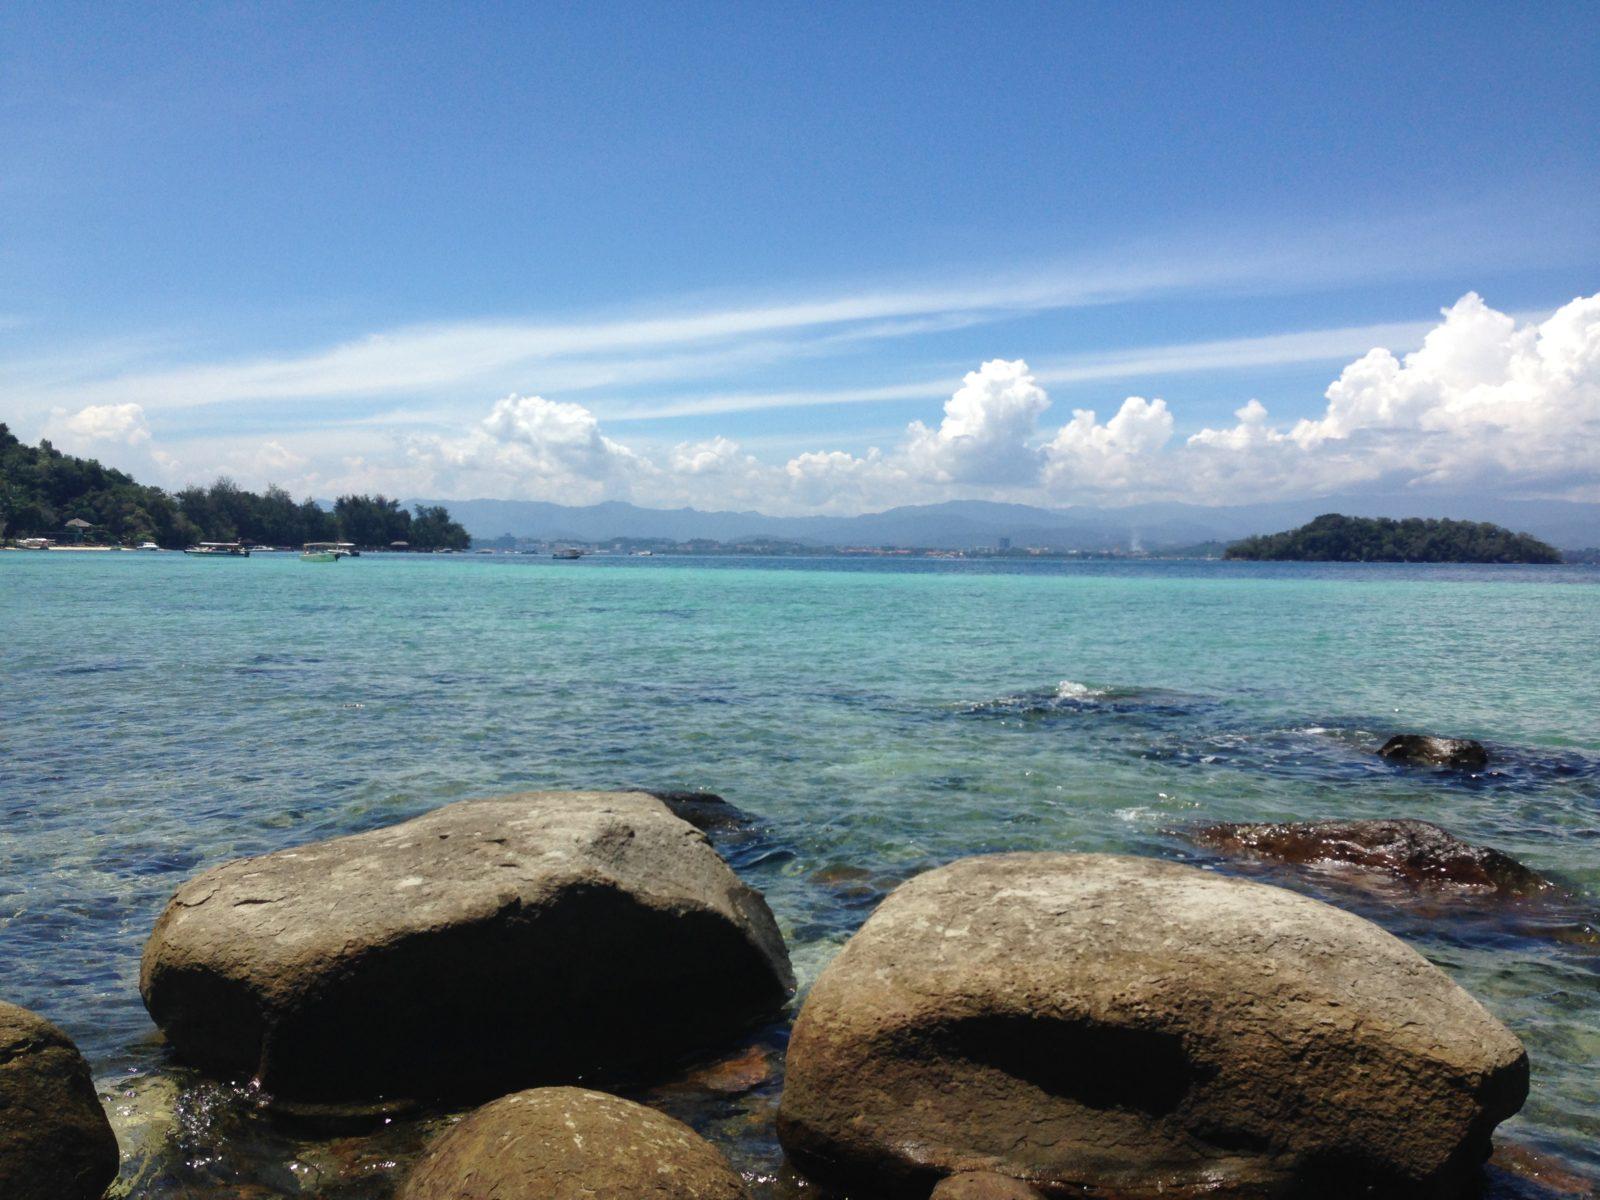 Достопримечательности острова Борнео: земля первозданного рая